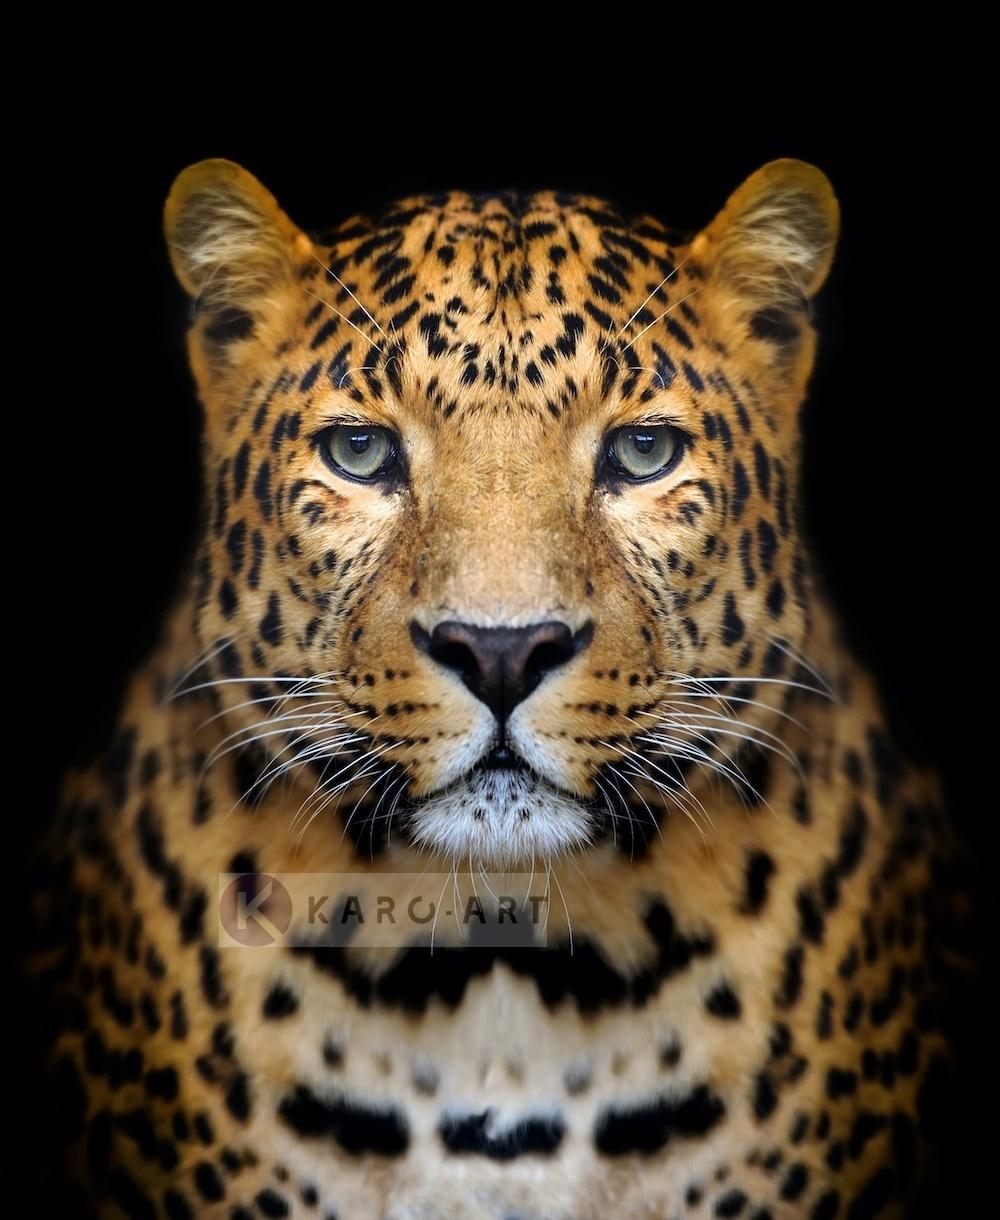 Afbeelding op acrylglas - Luipaard